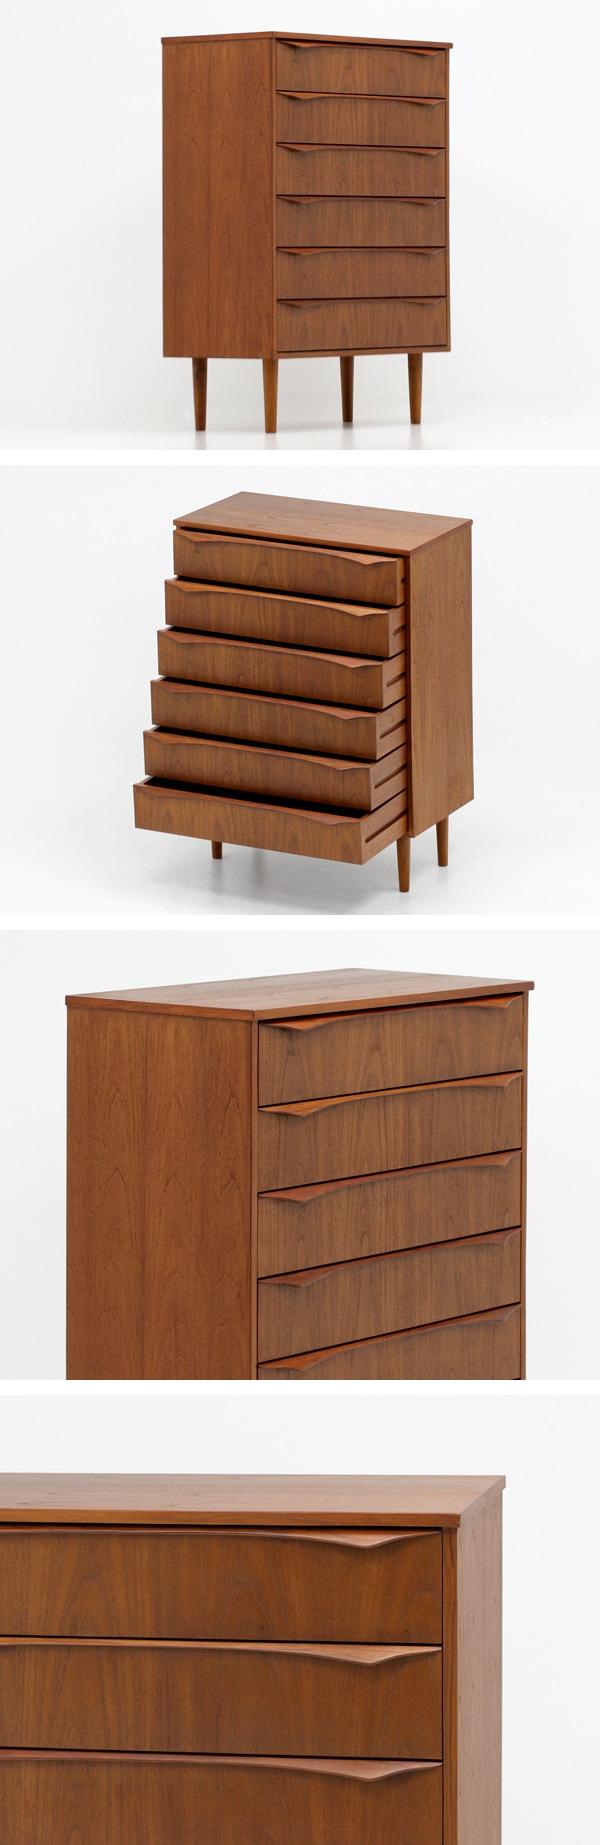 北欧デザイン家具,Klokken,クロッケン,チーク材,6段チェスト,収納